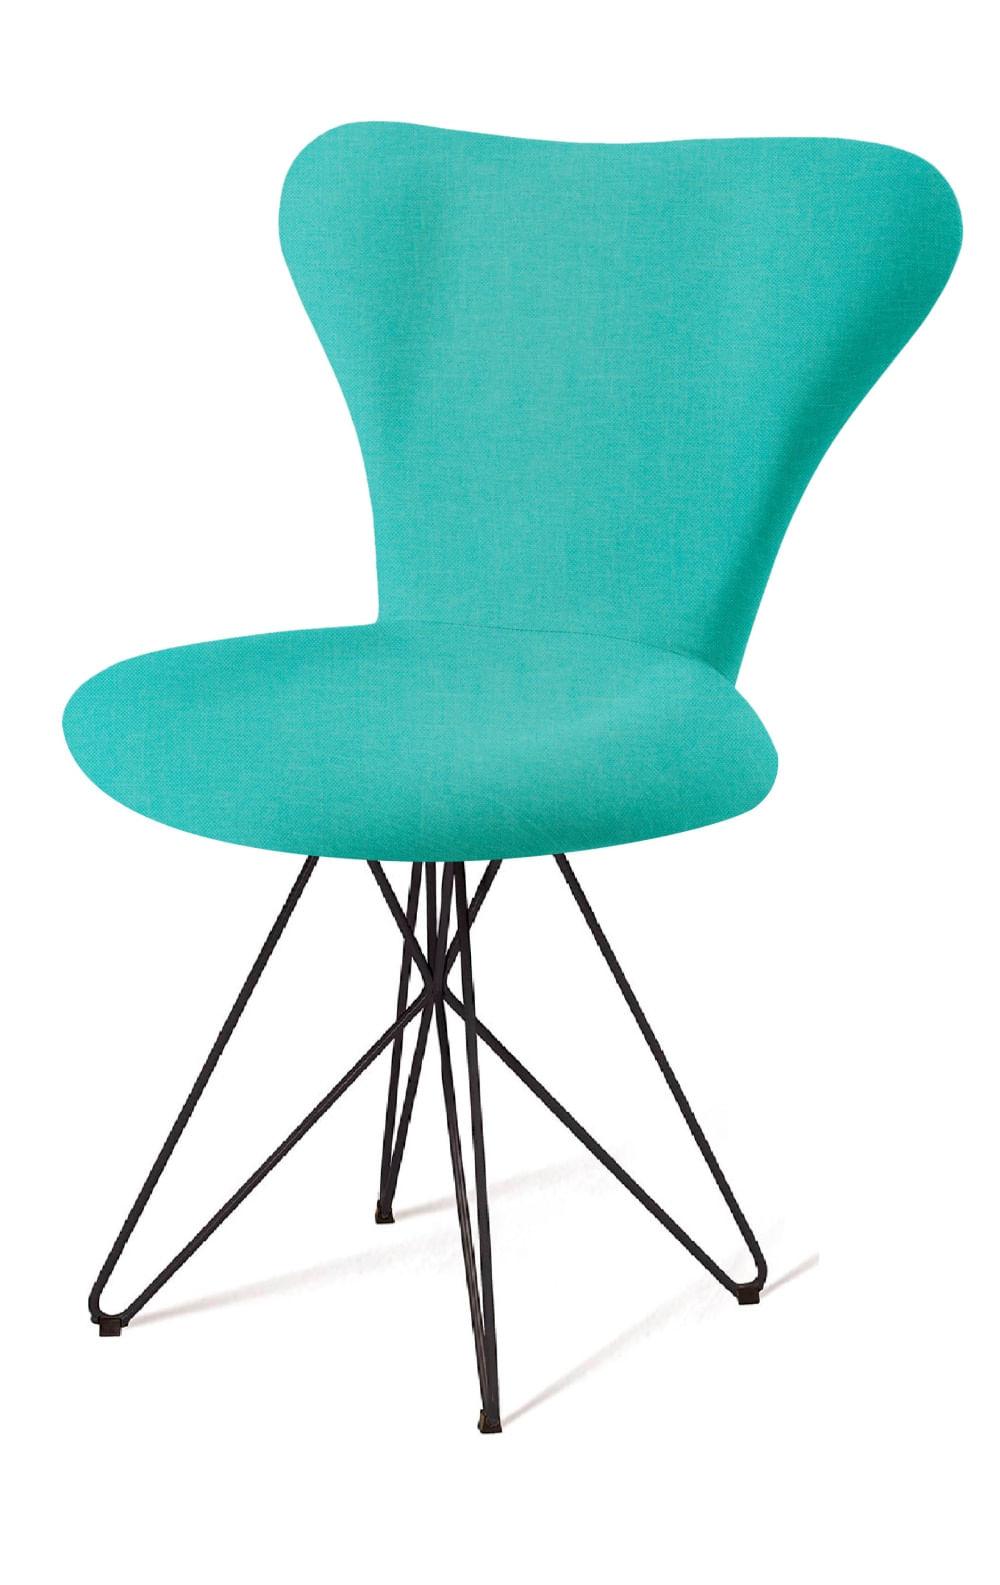 Cadeira Jacobsen Series 7 Verde com Base Estrela Preta - 55922